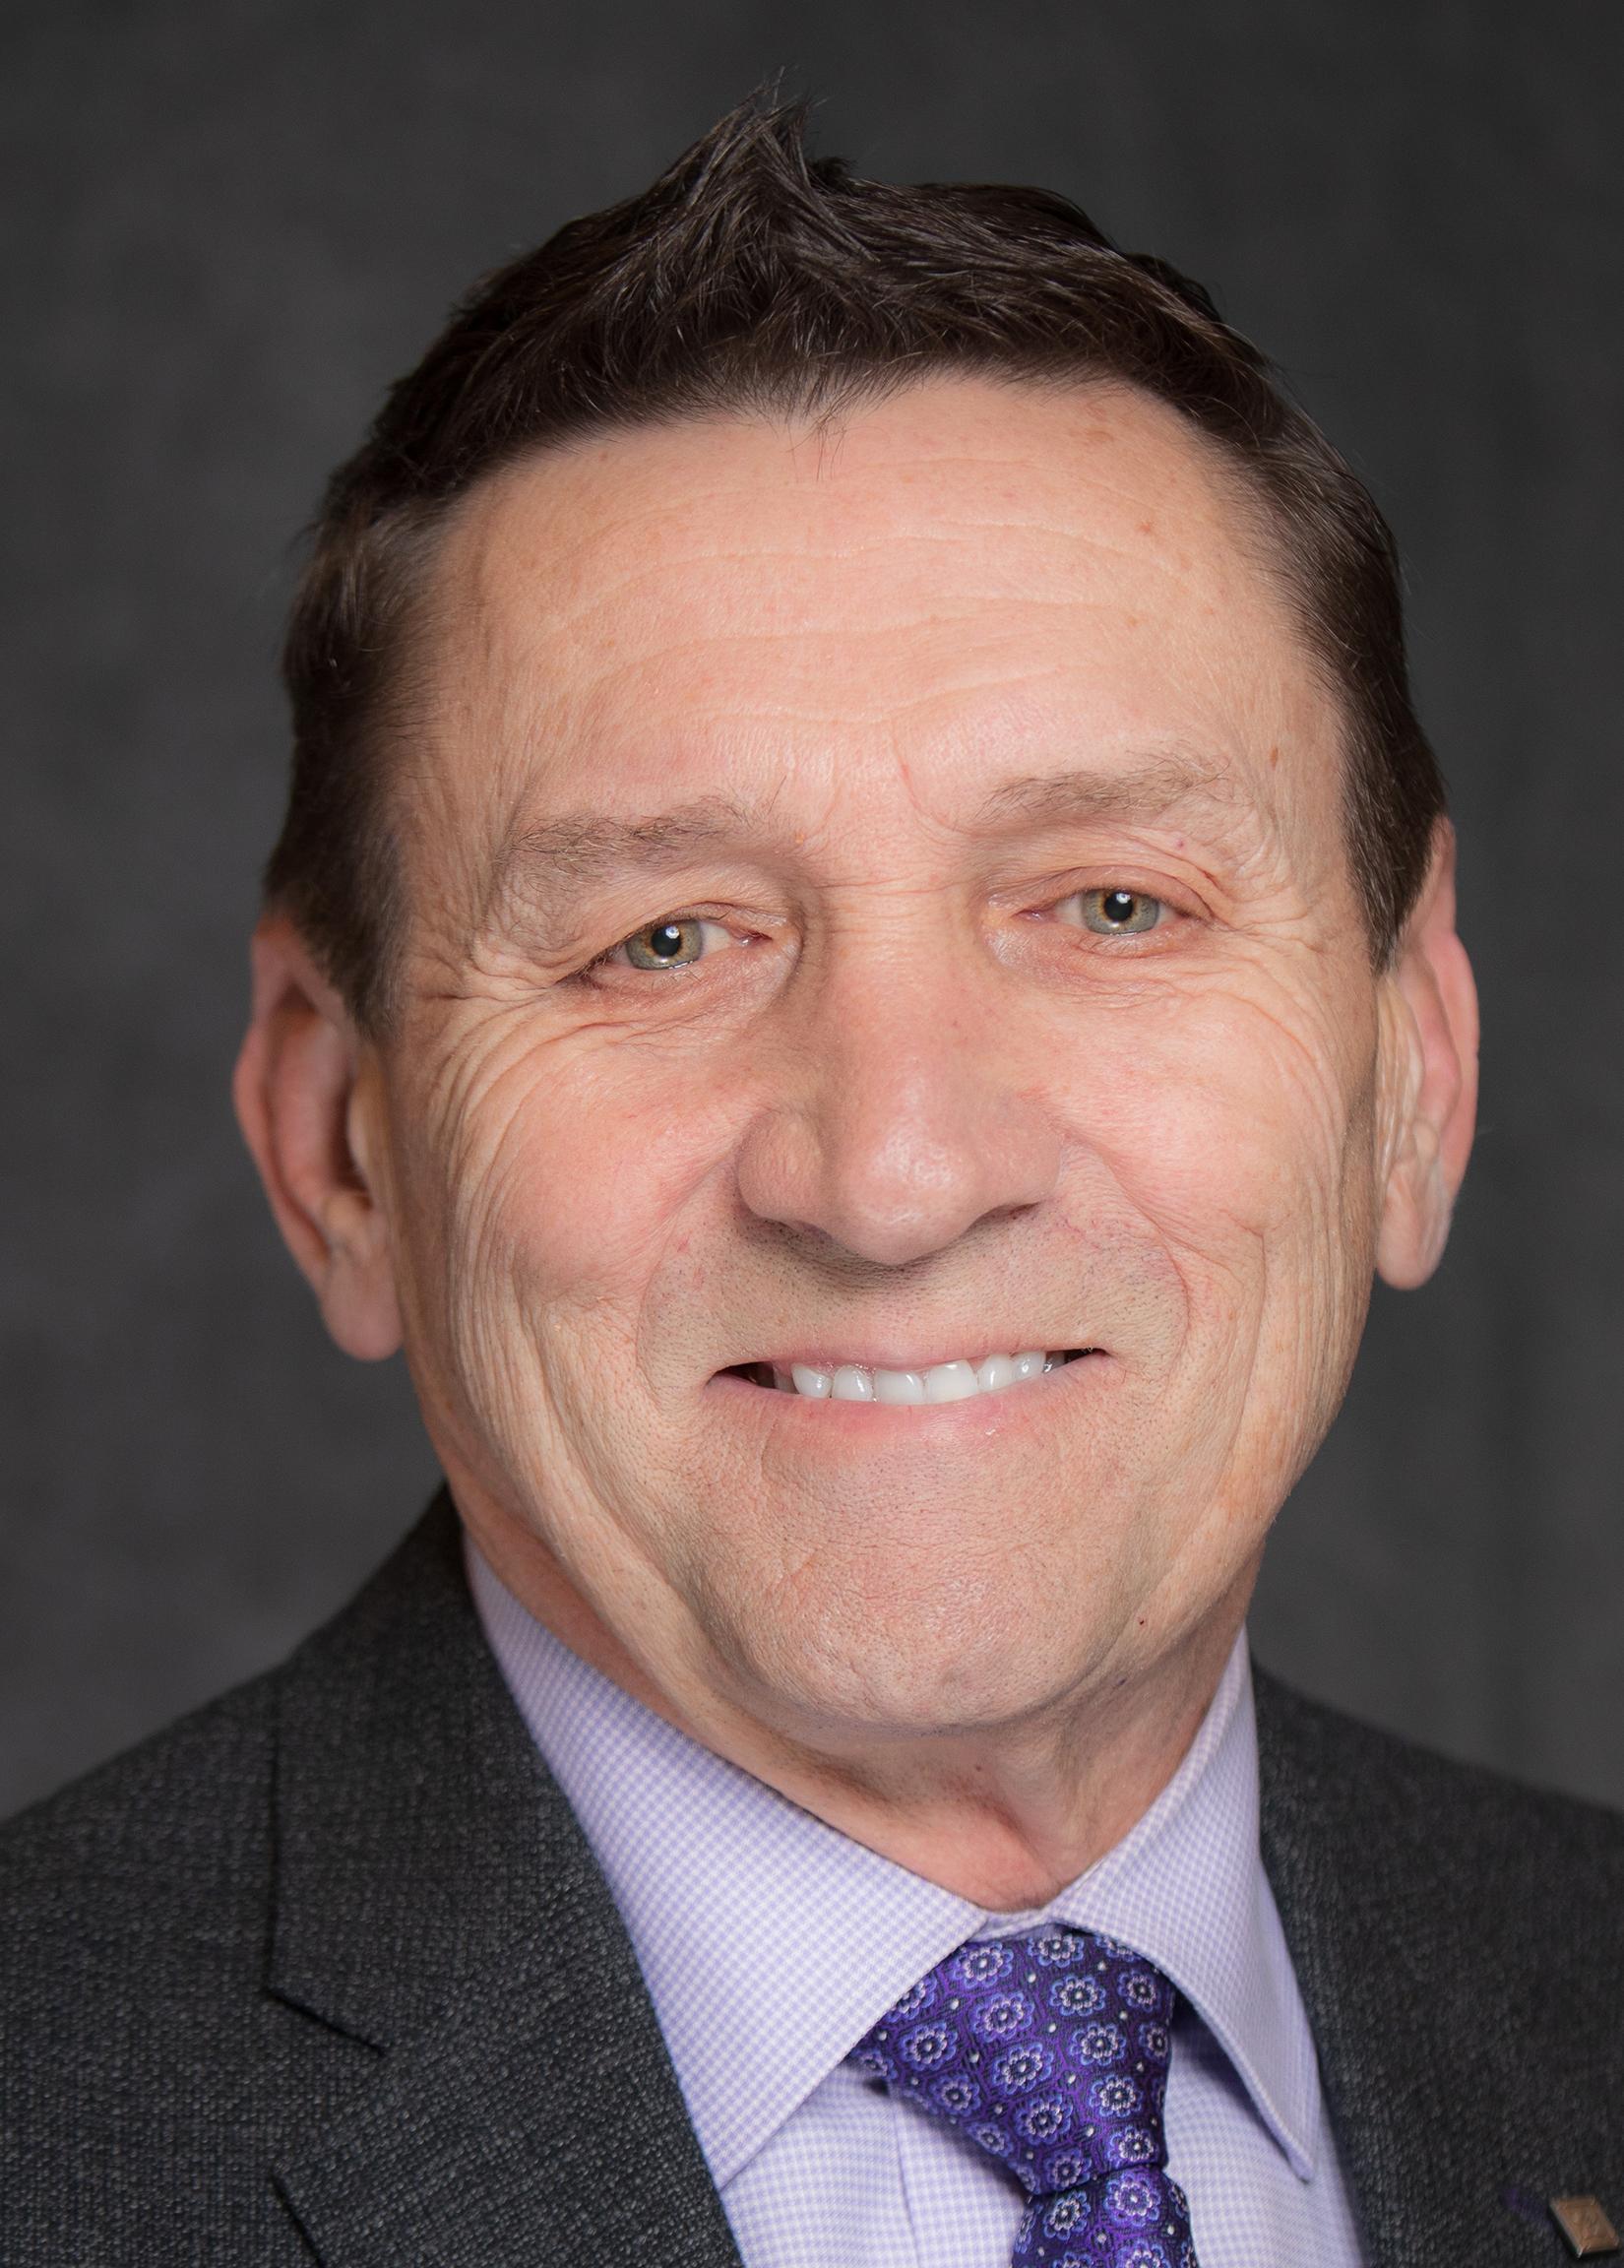 Daniel V. Landers, MD, FACOG